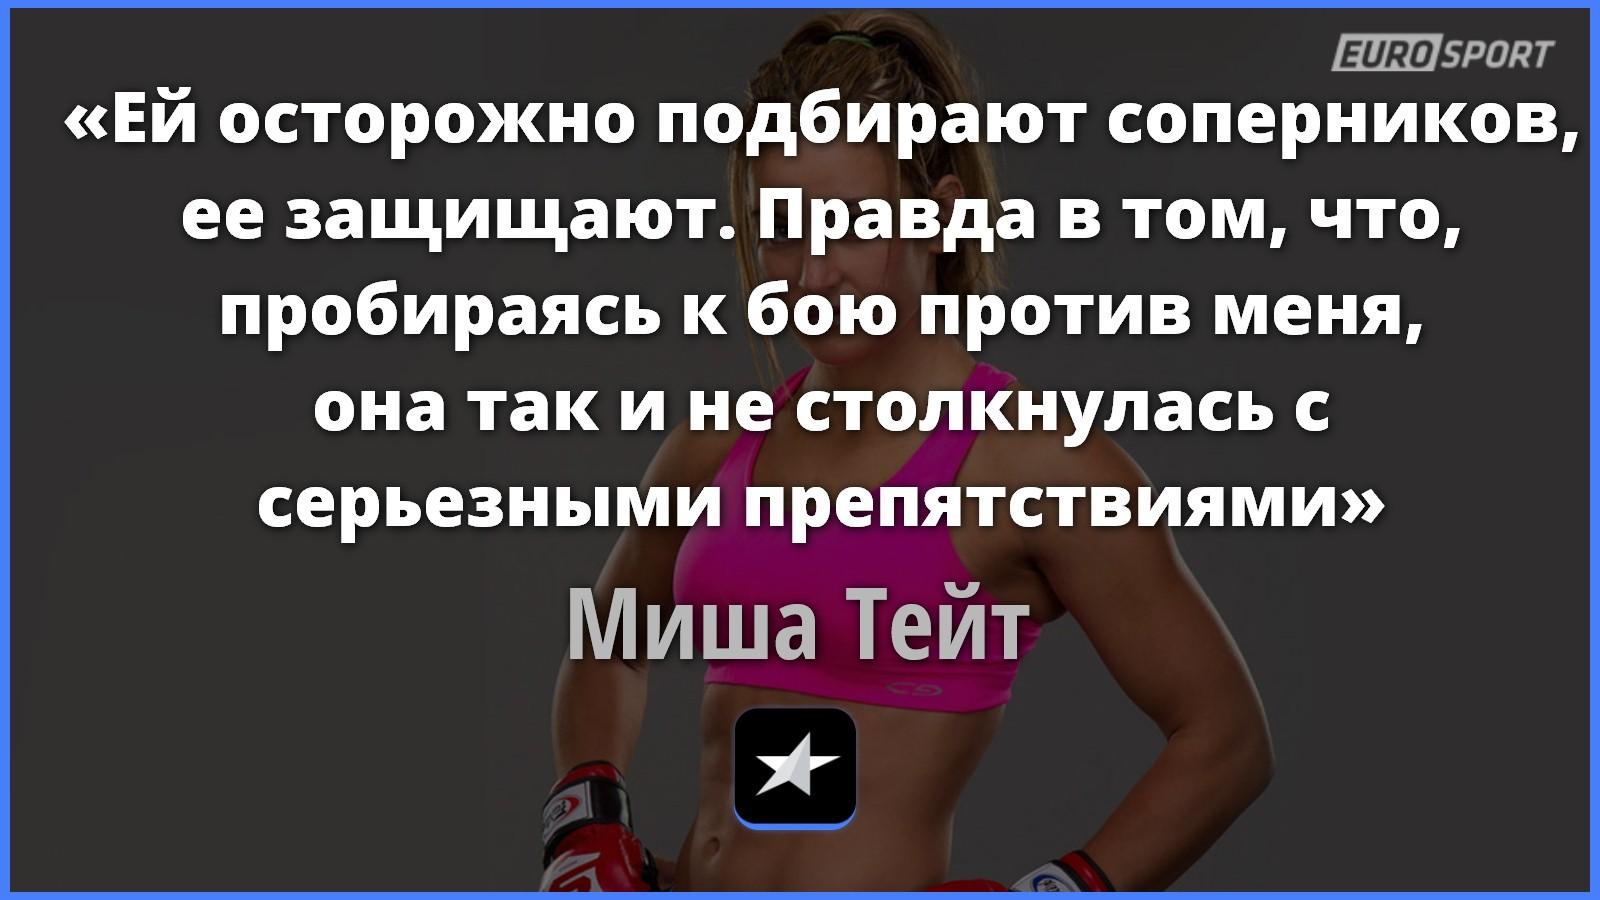 Миша Тейт